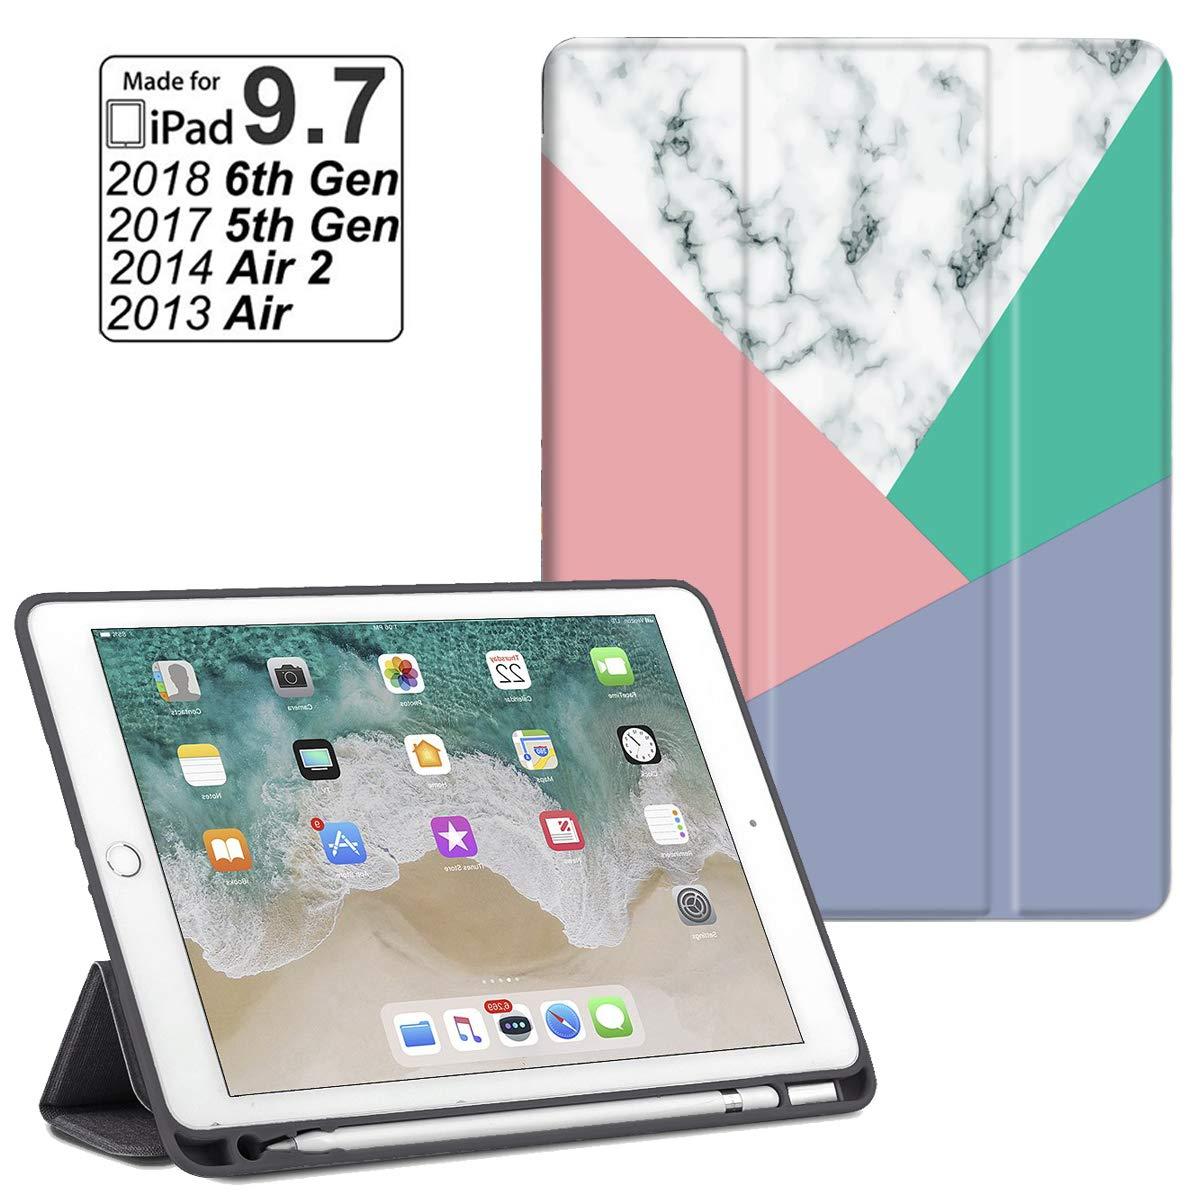 【超特価SALE開催!】 iPad B07PSLW21X 9.7 2018 iPad/2017 ケース 軽量スマートケース iPad 自動スリープ/スリープ解除機能付き ソフトTPUバックカバー Apple iPad 9.7 iPad 第5/第6世代対応 B07PSLW21X, TENKA テンカ パワーストーン:8b145ba3 --- a0267596.xsph.ru